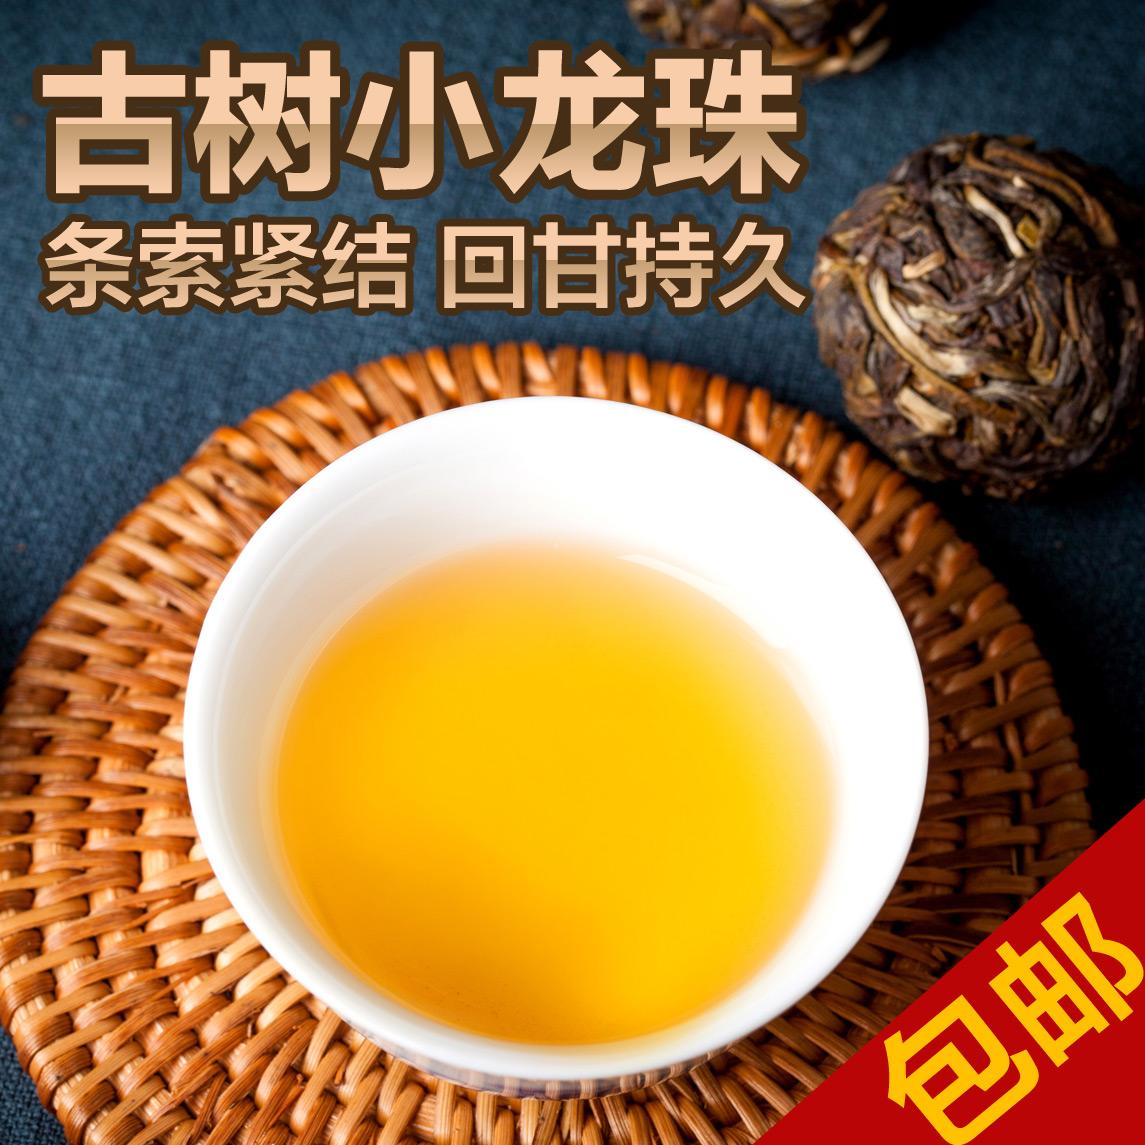 【璟思茶叶】云南普洱茶生茶布朗山古树茶迷你小沱茶纯手工生态茶